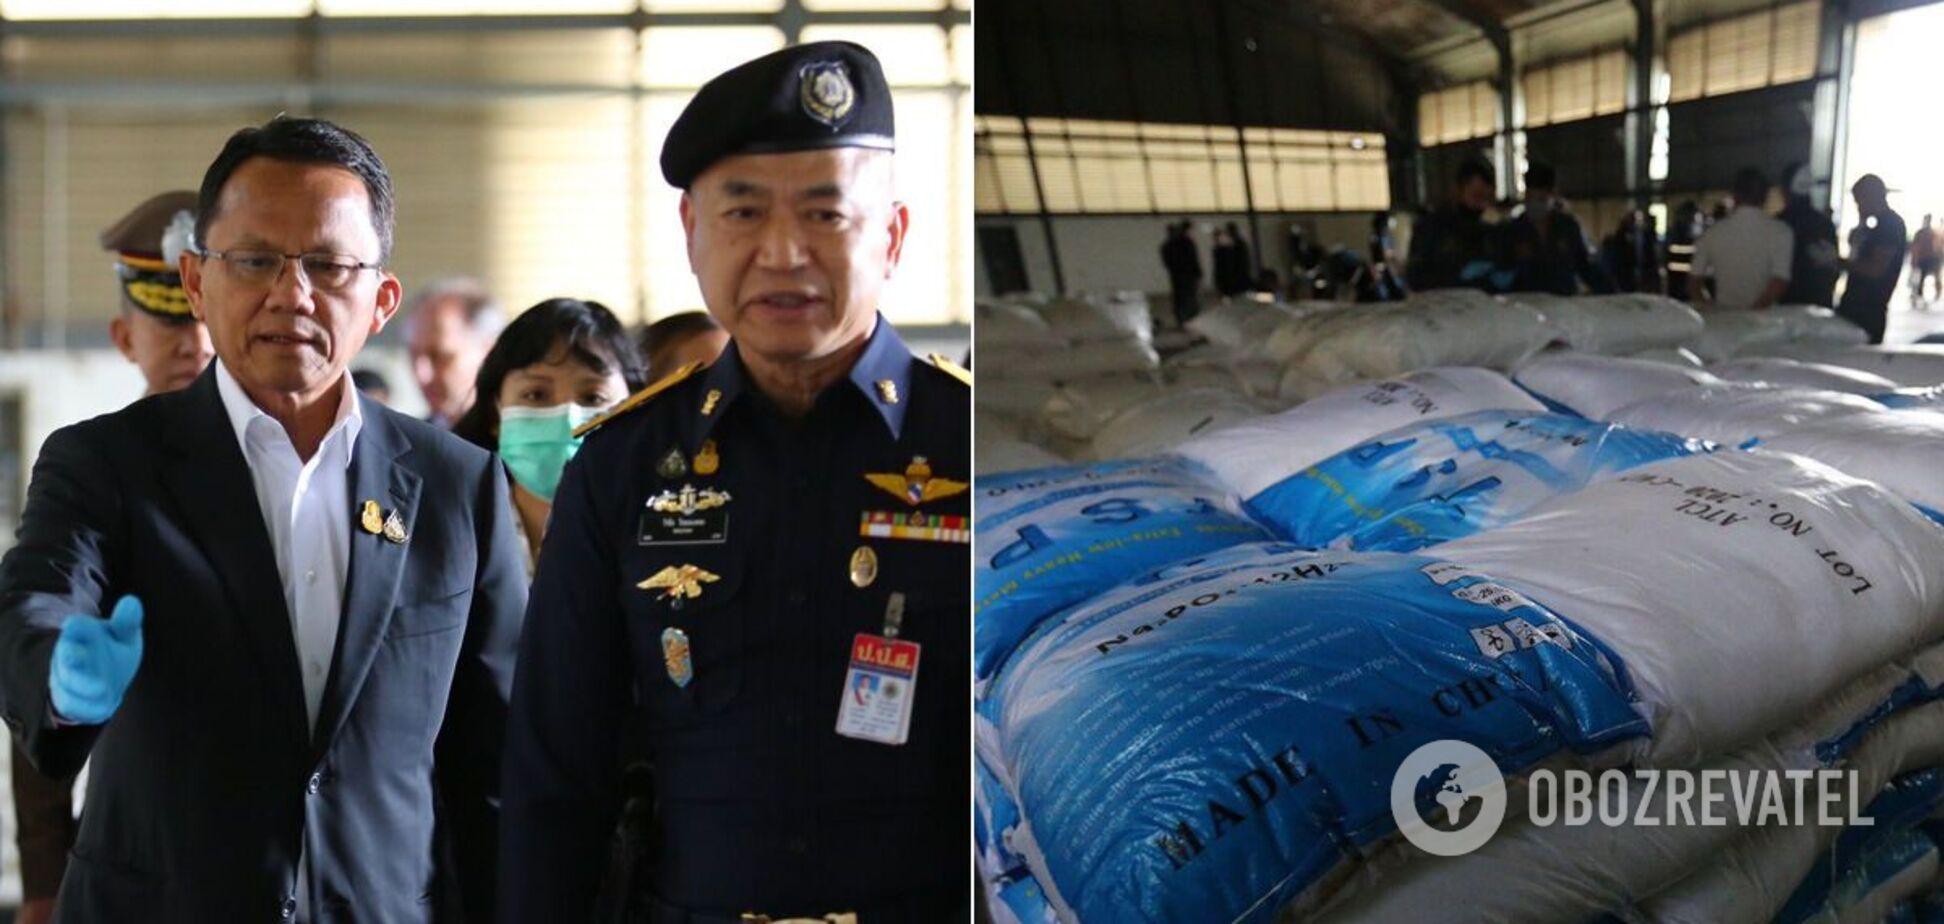 Поліція виявила 'наркотики' 12 листопада